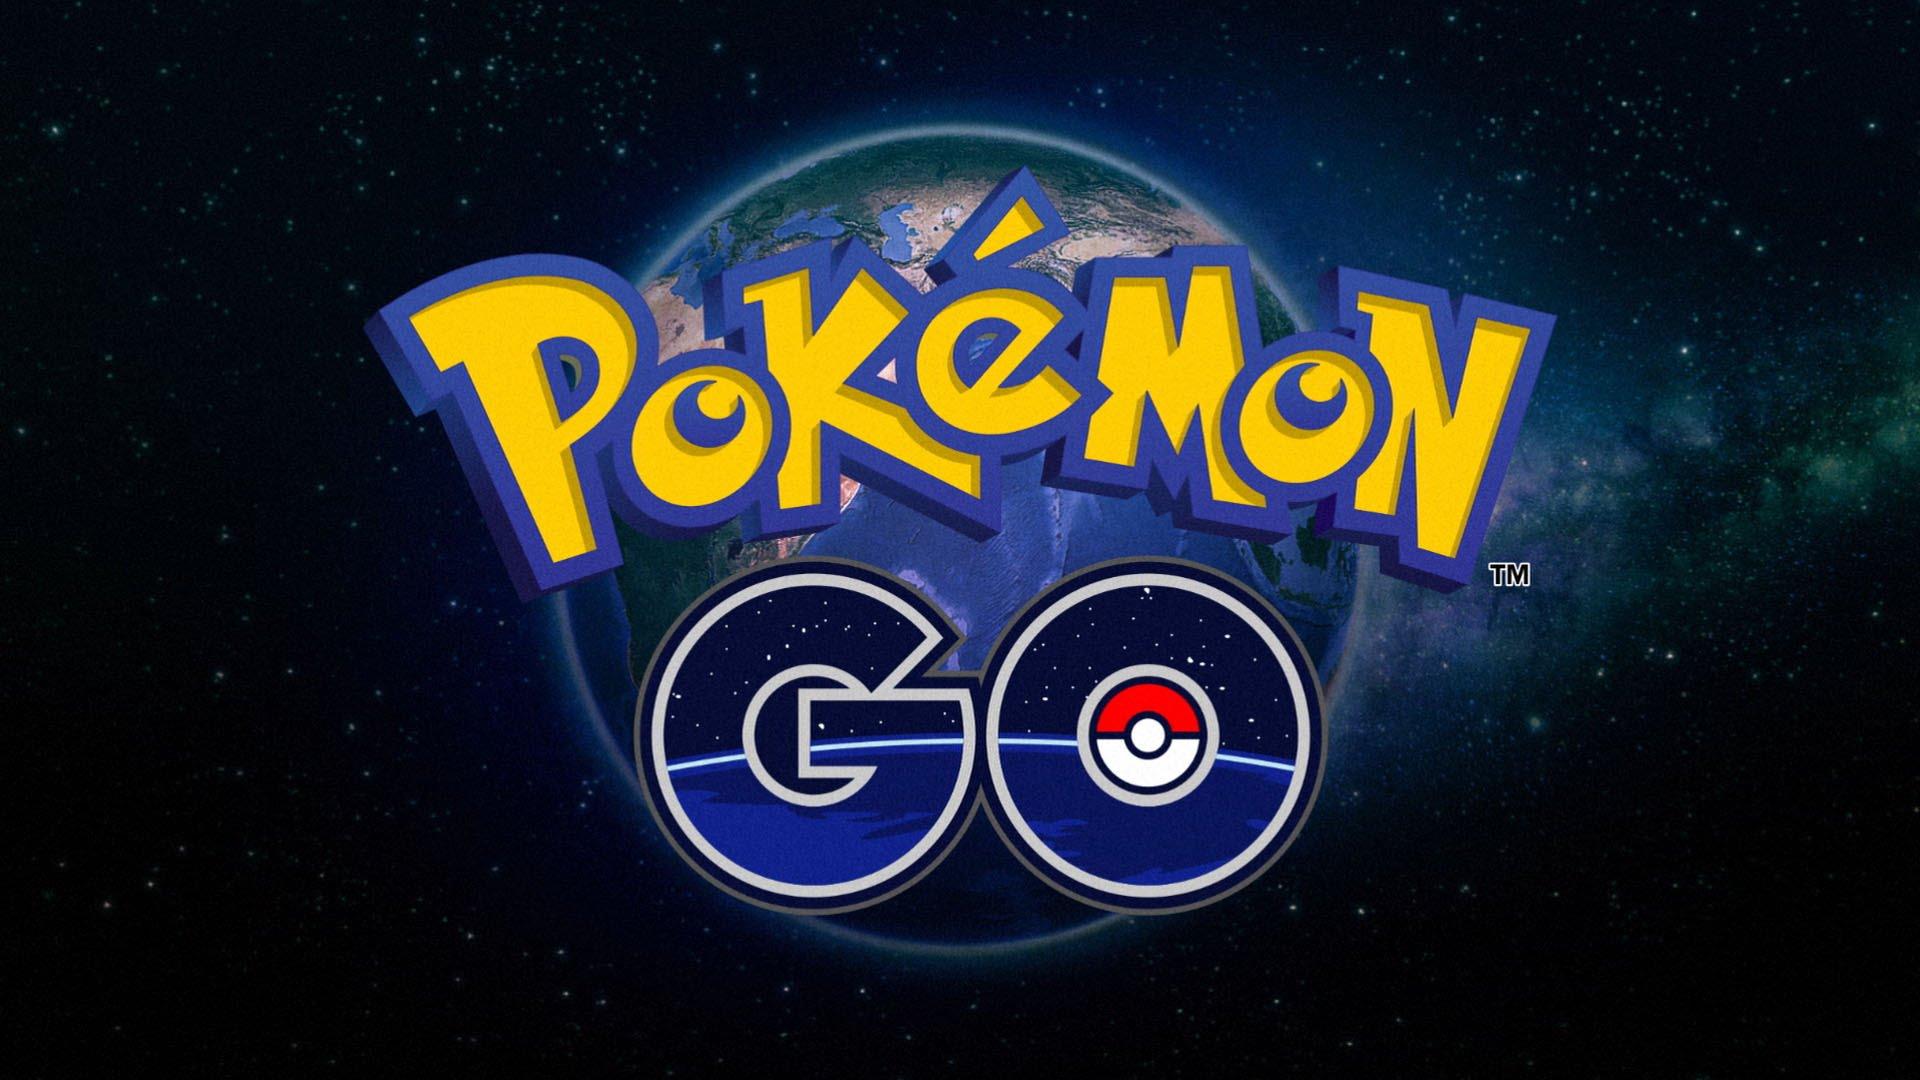 Pokémon 2